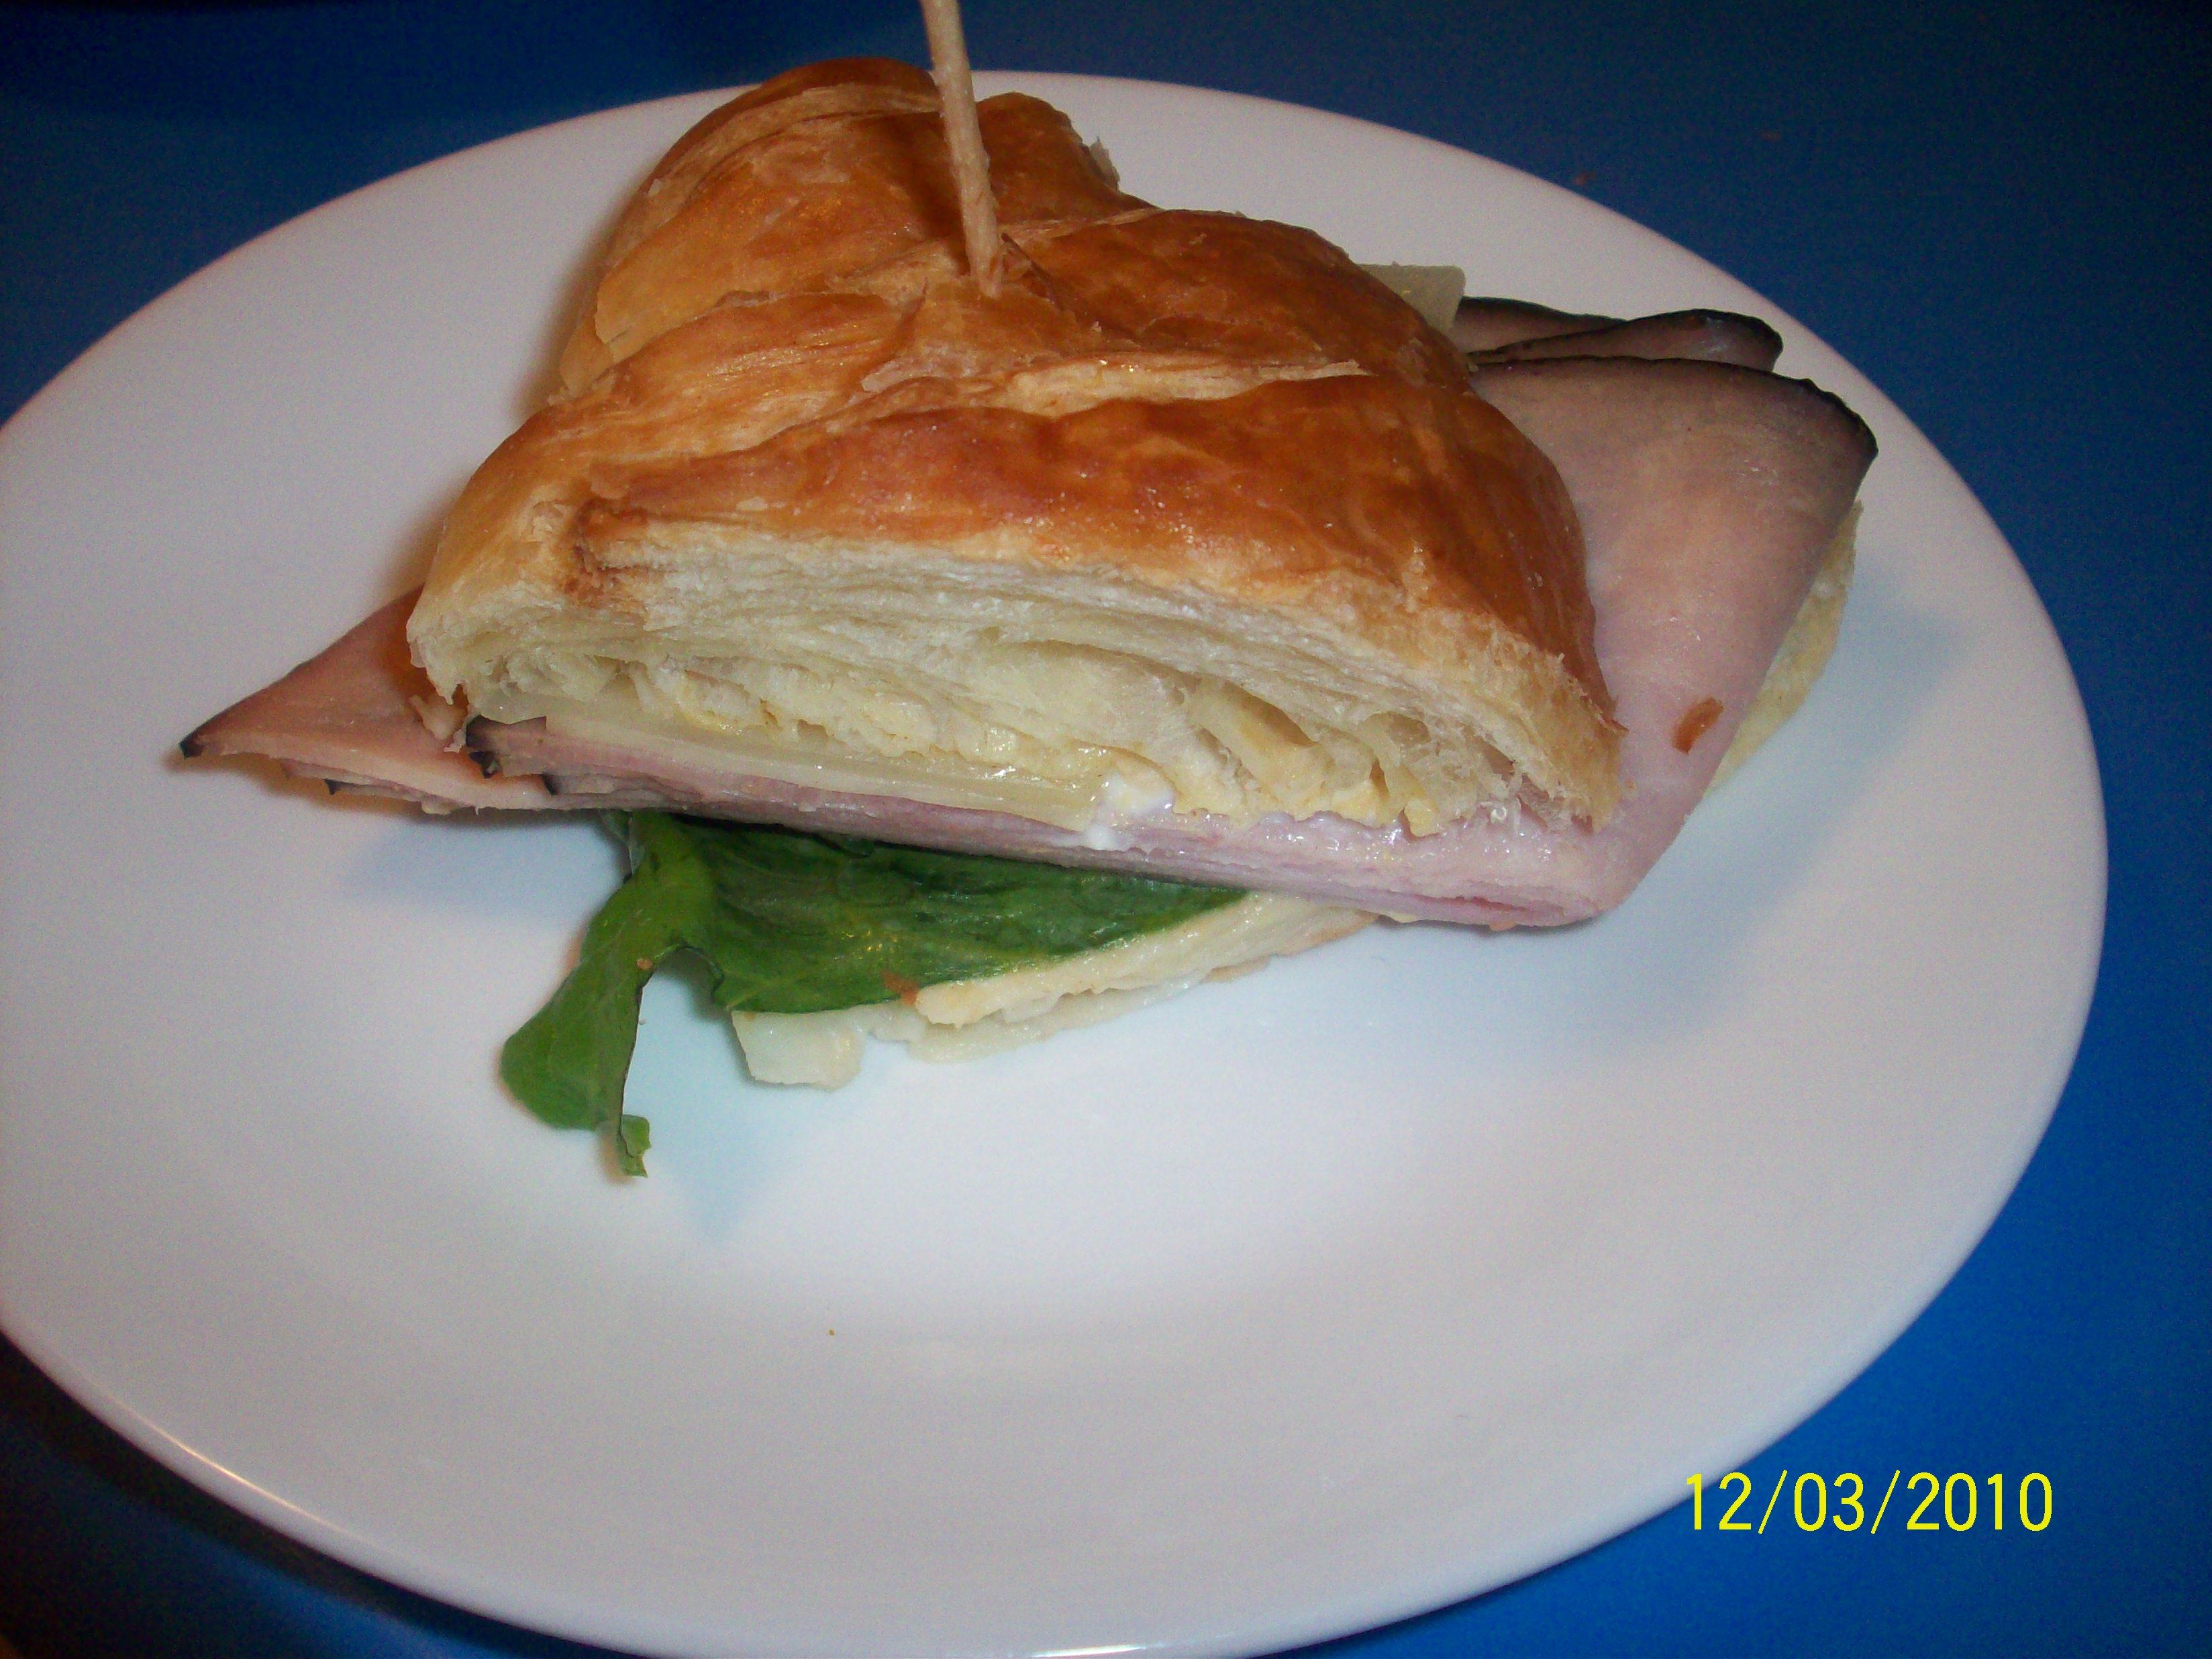 http://foodloader.net/cutie_2010-03-12_turkey_sandwich.jpg